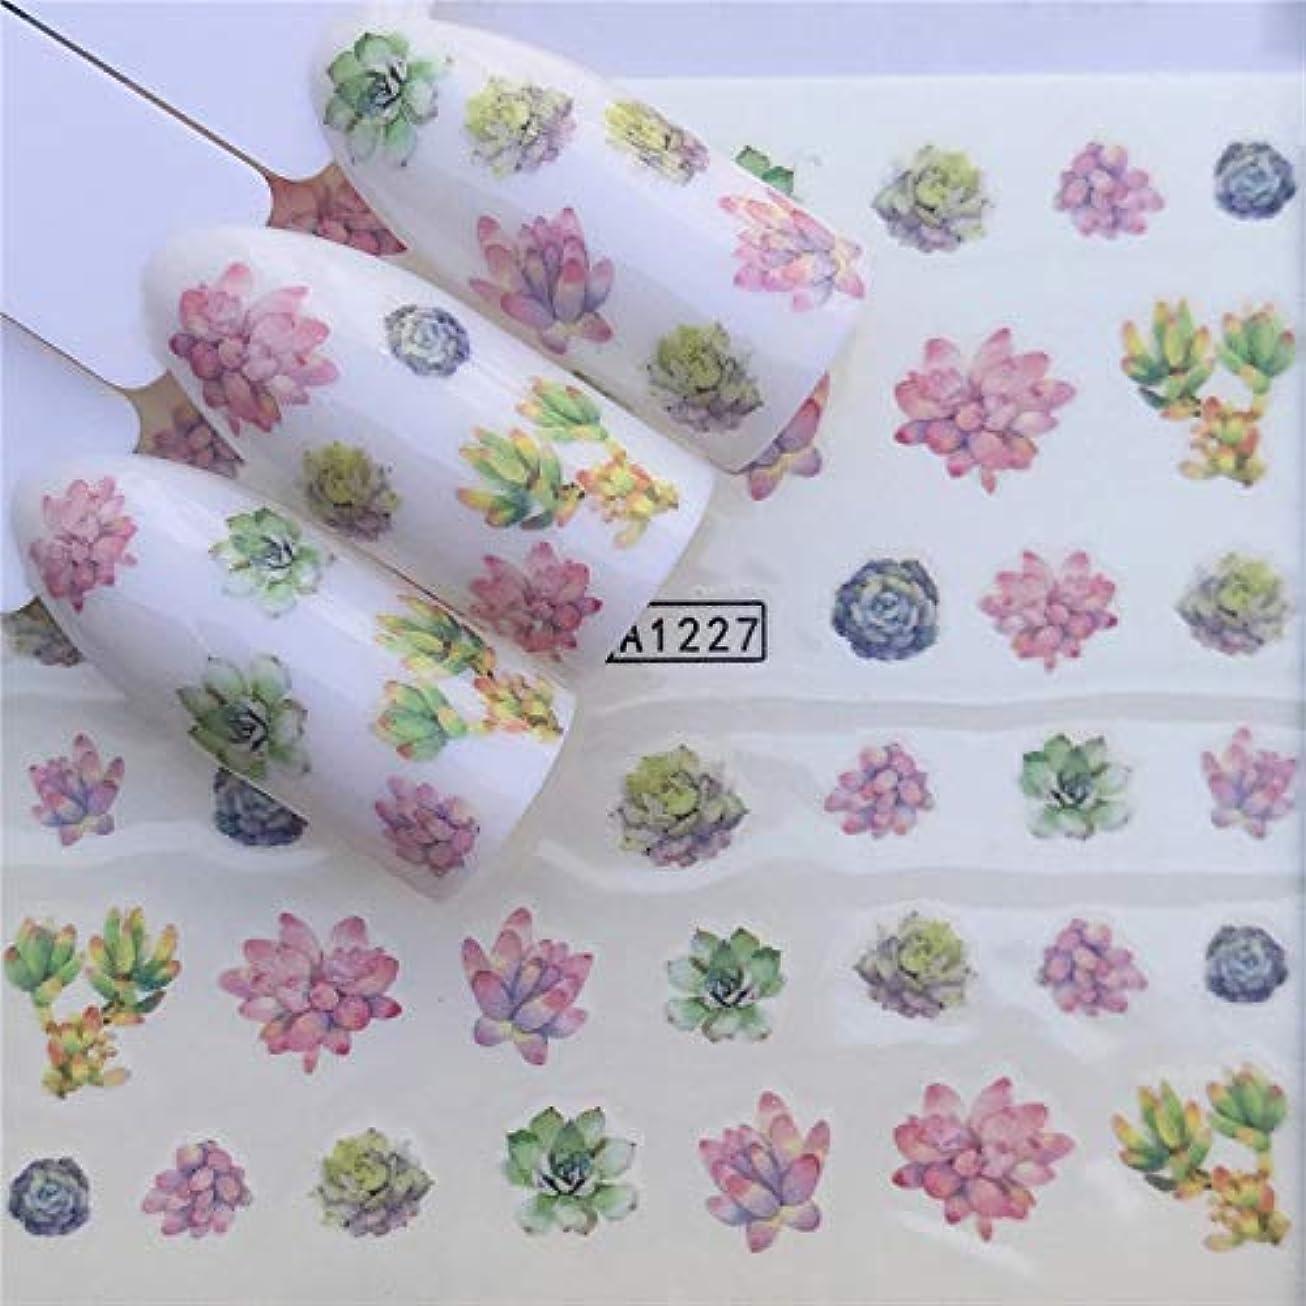 座る仕方音節CELINEZL CELINEZL 3ピースネイルステッカーセットデカールウォータースライダースライダーネイルアートデコレーション、色:YZWA1227